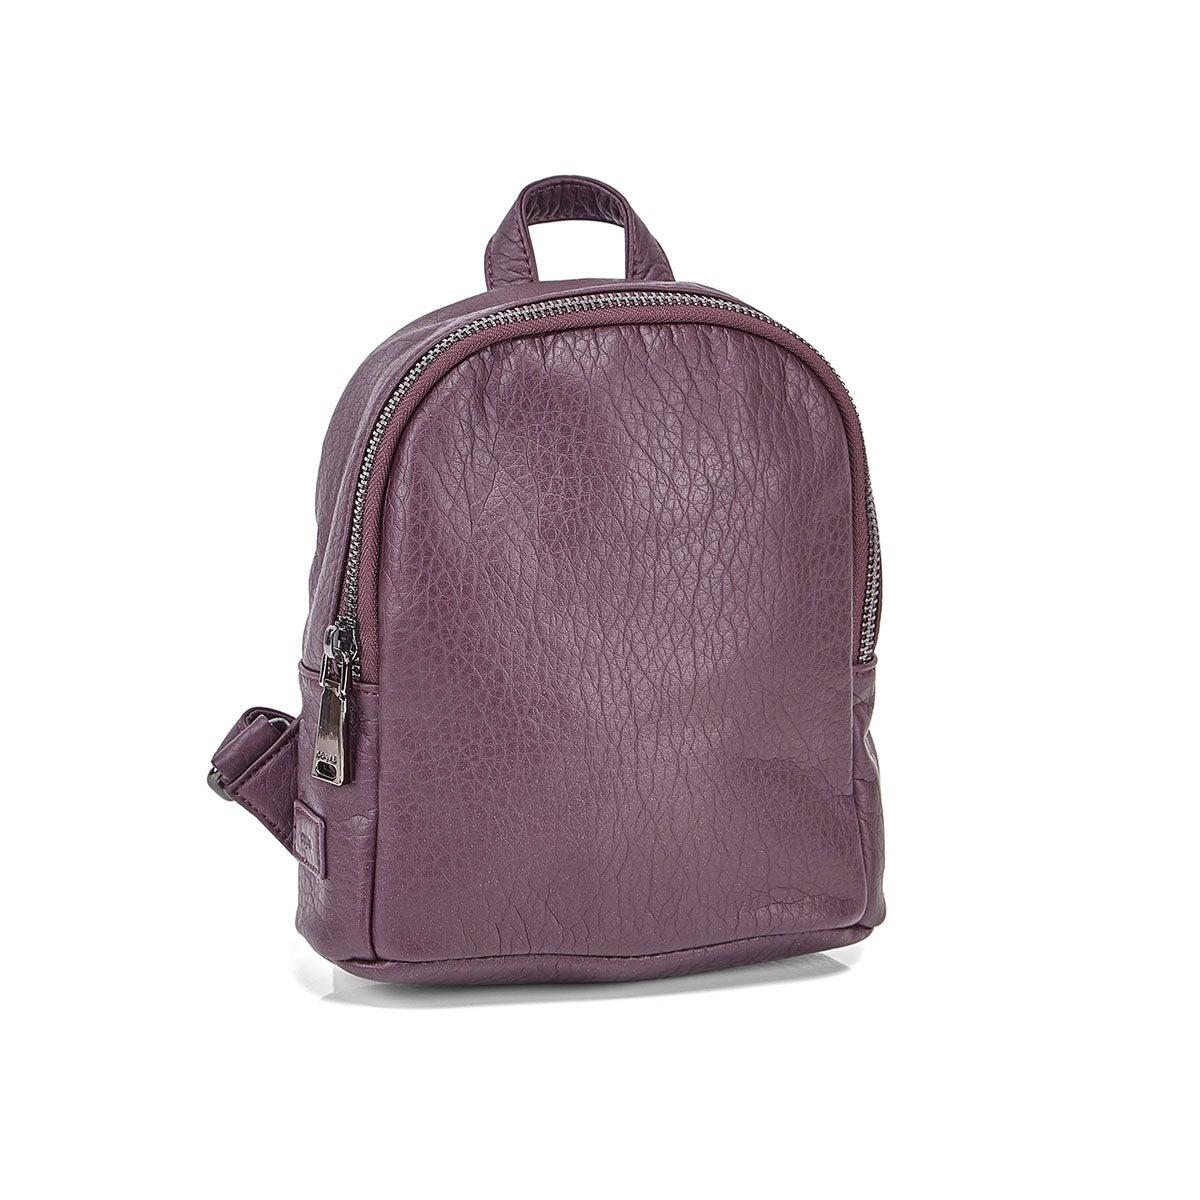 Lds Loft Micro deep plum backpack